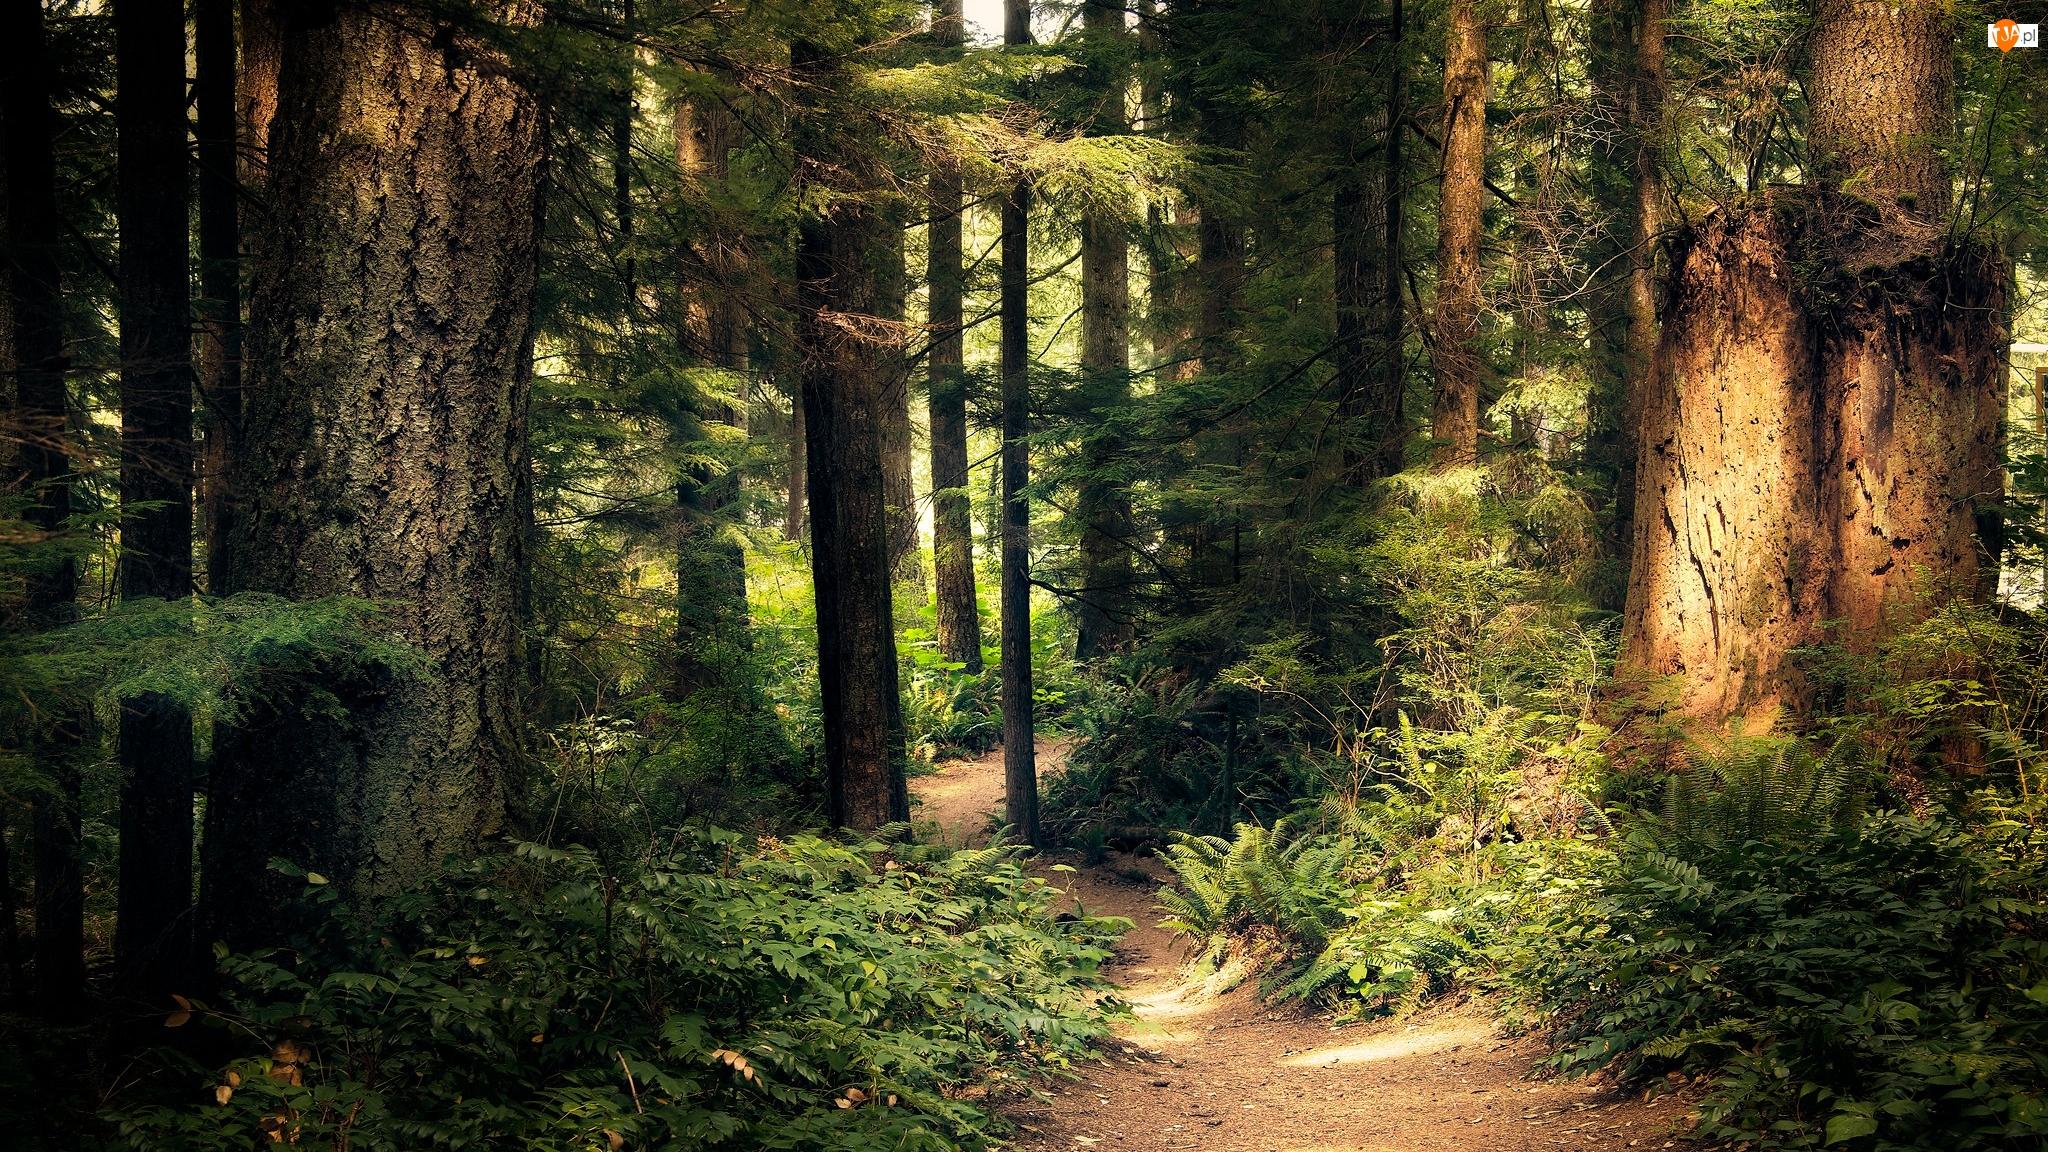 Drzewa, Paprocie, Przebijające światło, Las, Ścieżka